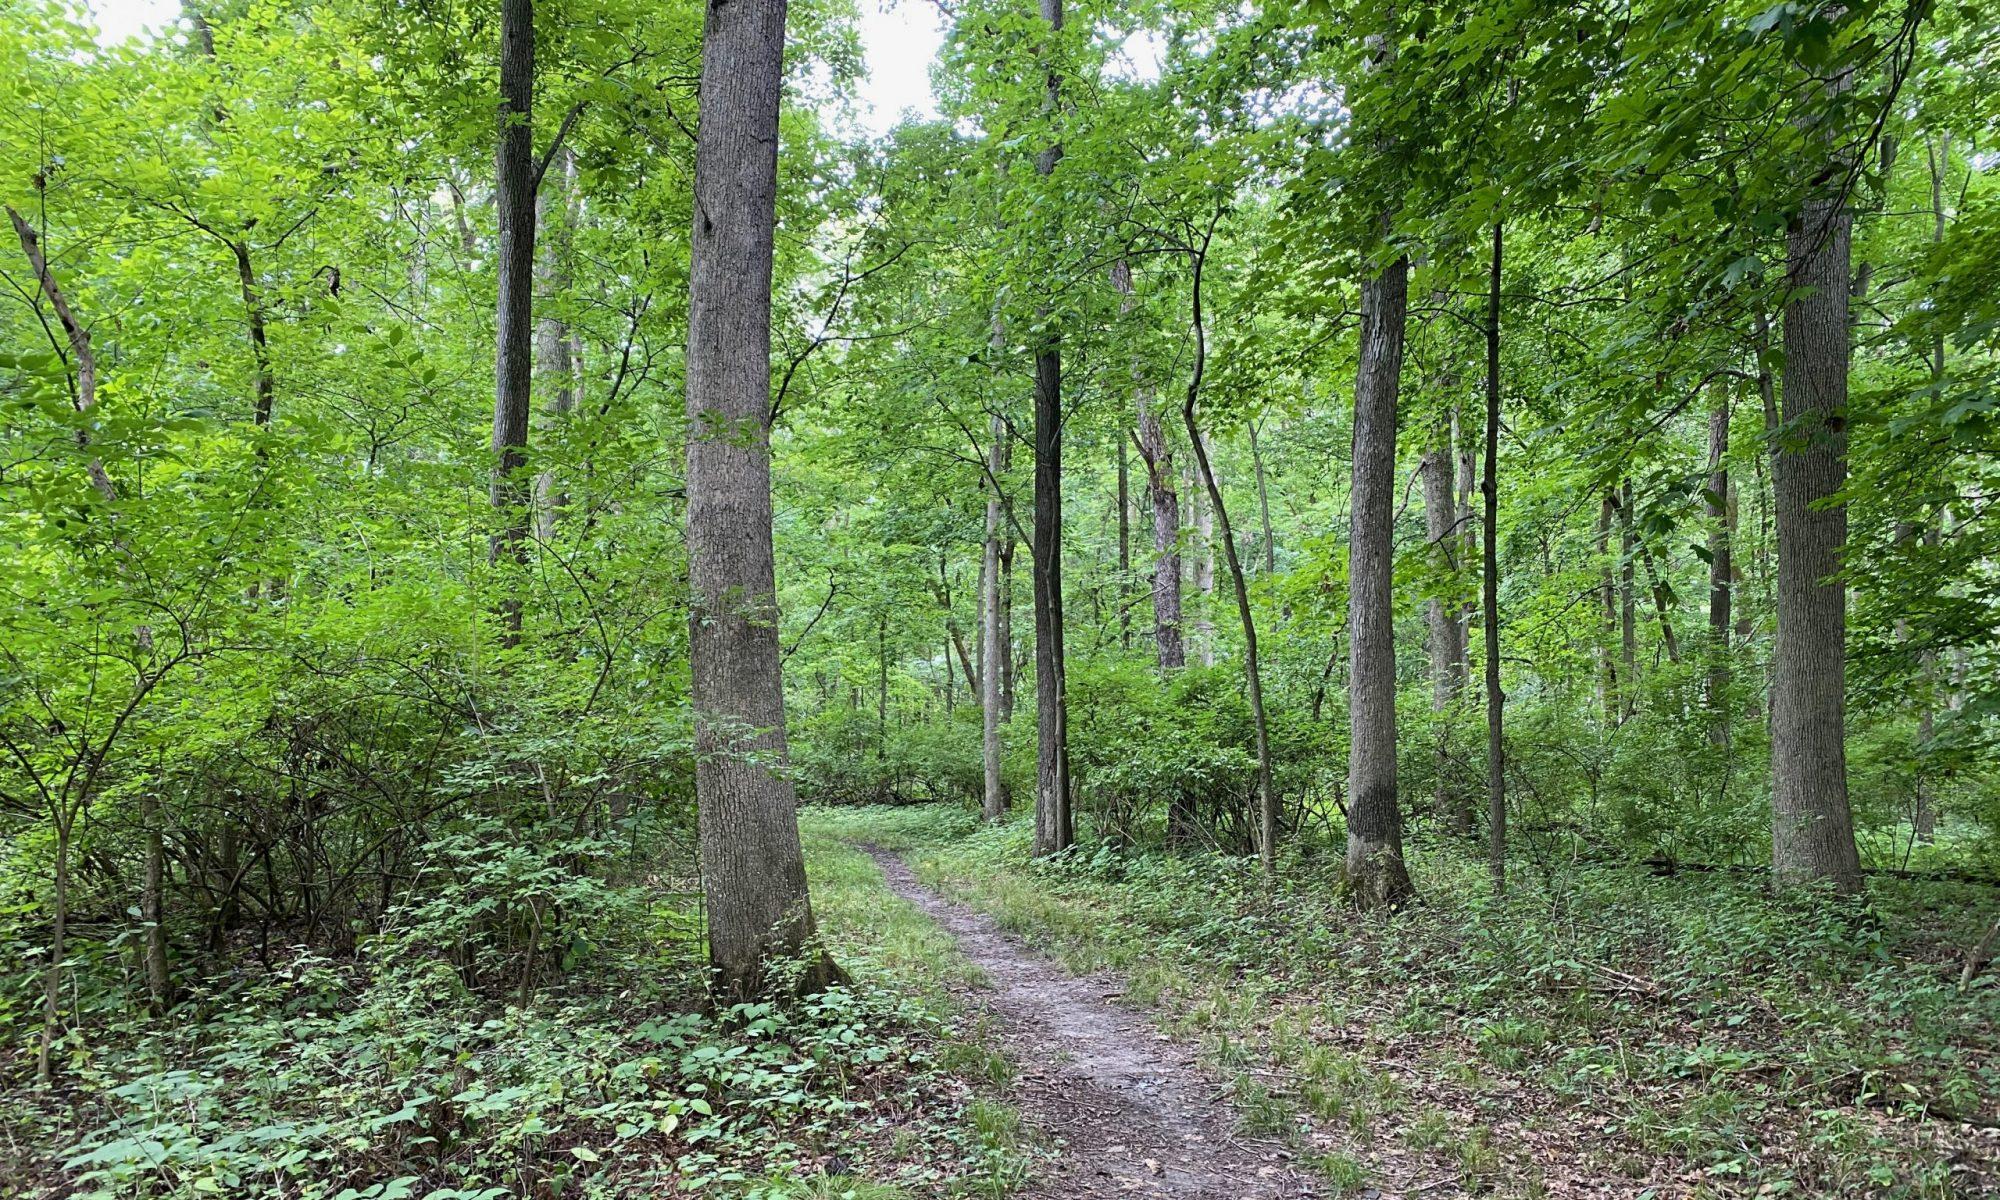 Menard County Trails & Greenways